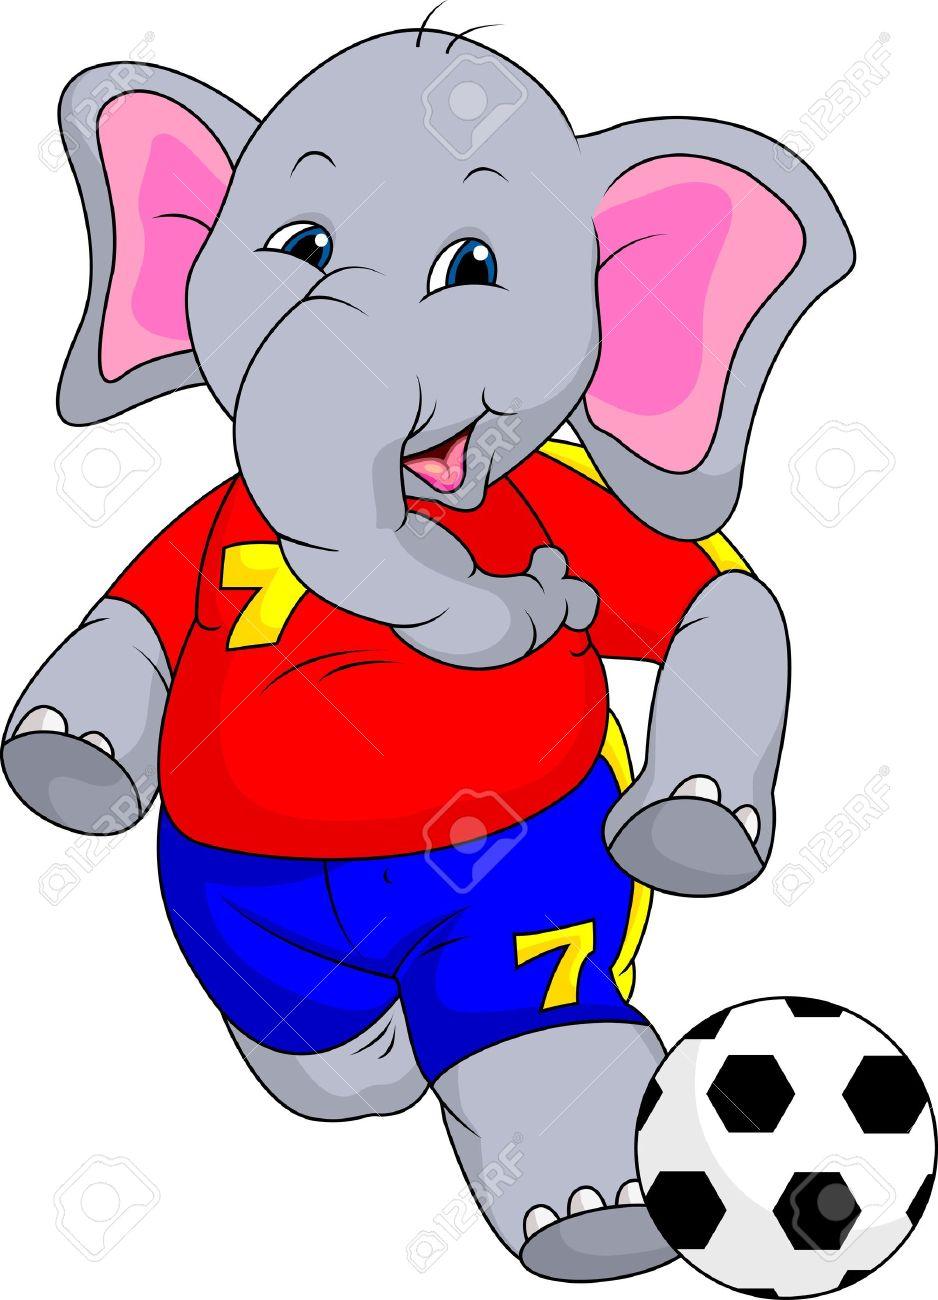 fuuny elephant cartoon with ball royalty free cliparts vectors